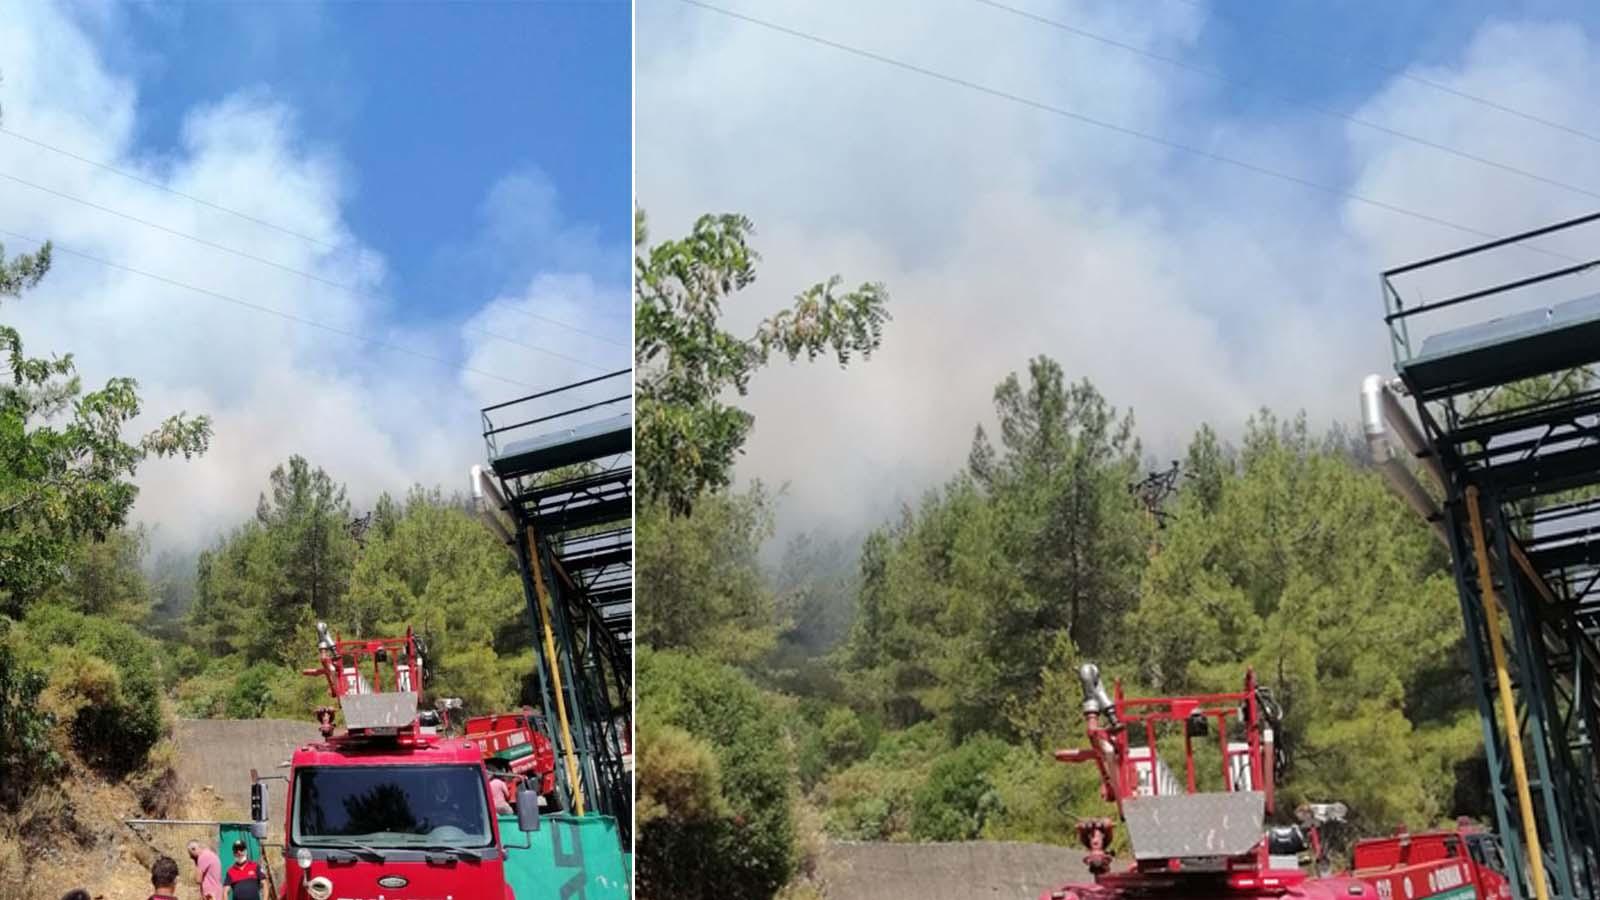 Son dakika | Muğla Marmaris'te orman yangını çıktı! Ekipler müdahale ediyor